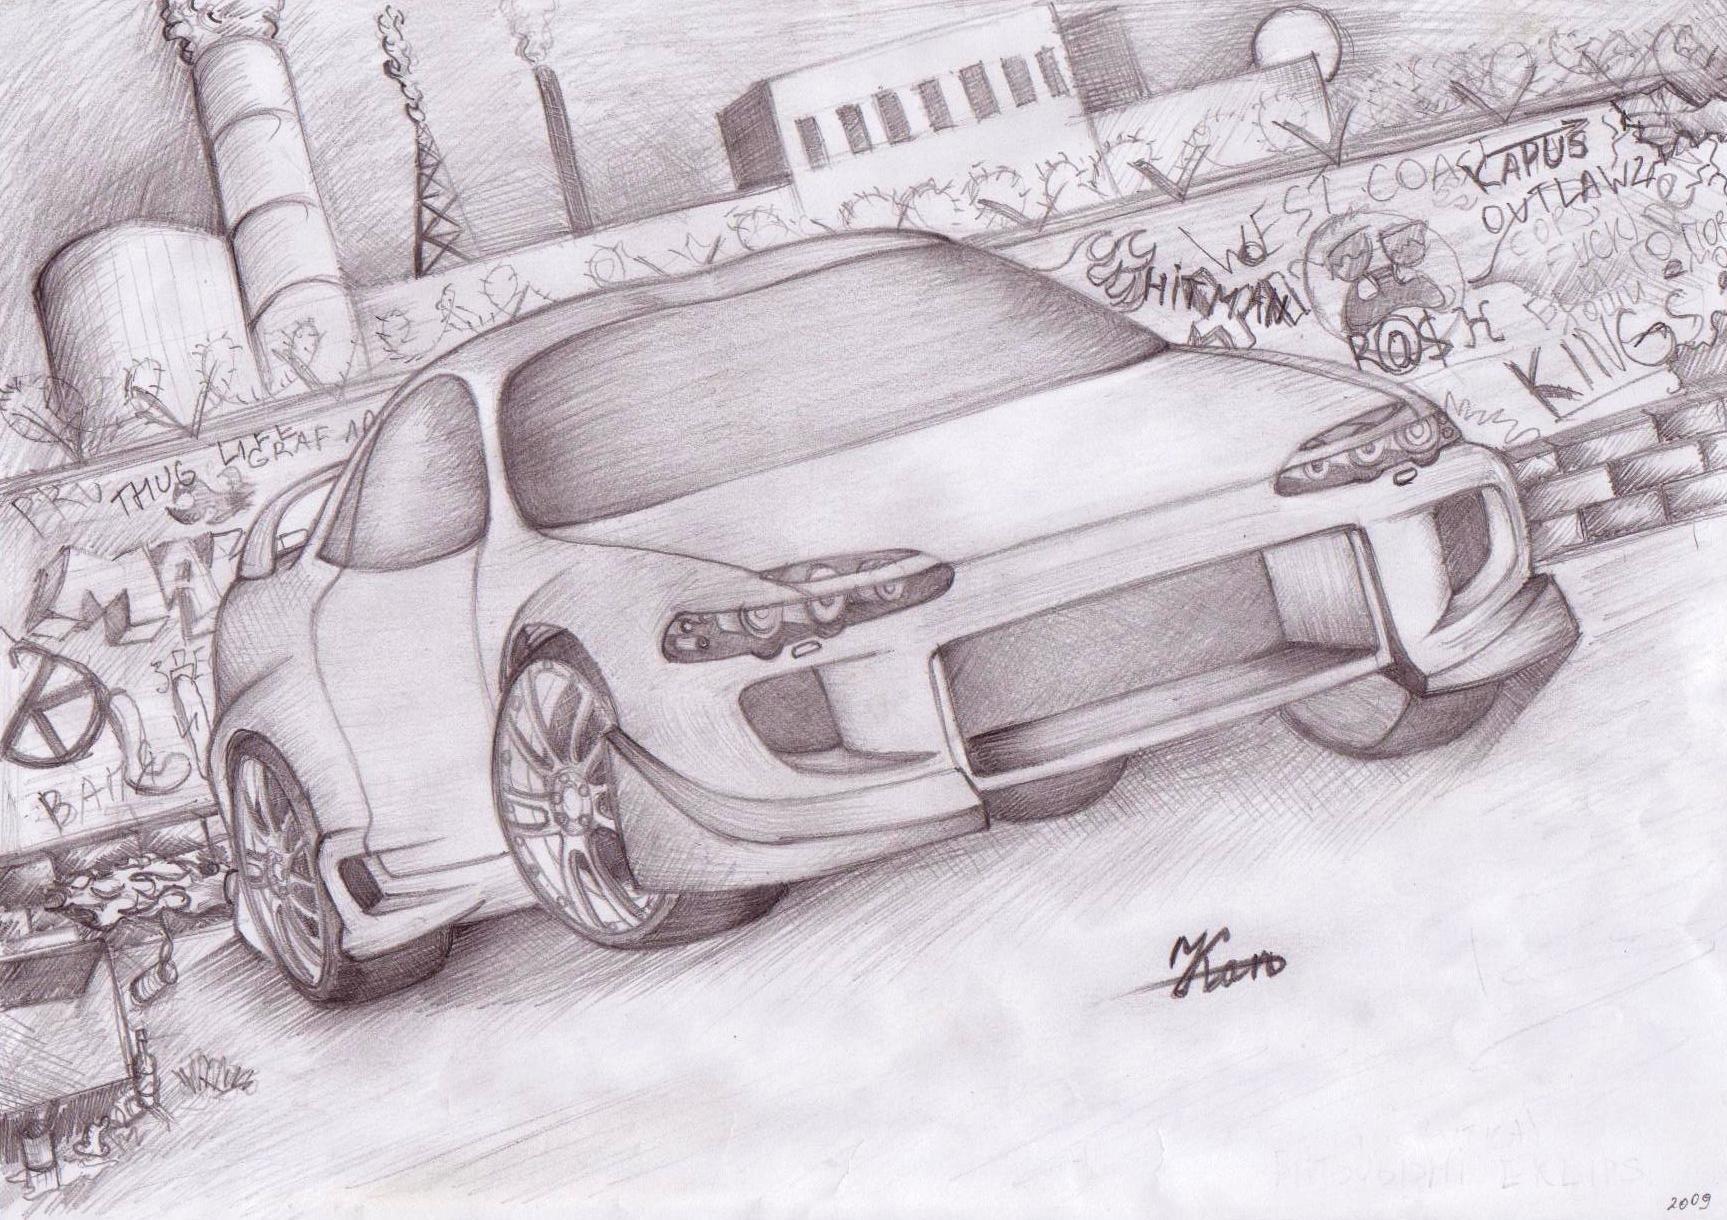 Машины нарисованные карандашом картинки, для сайта